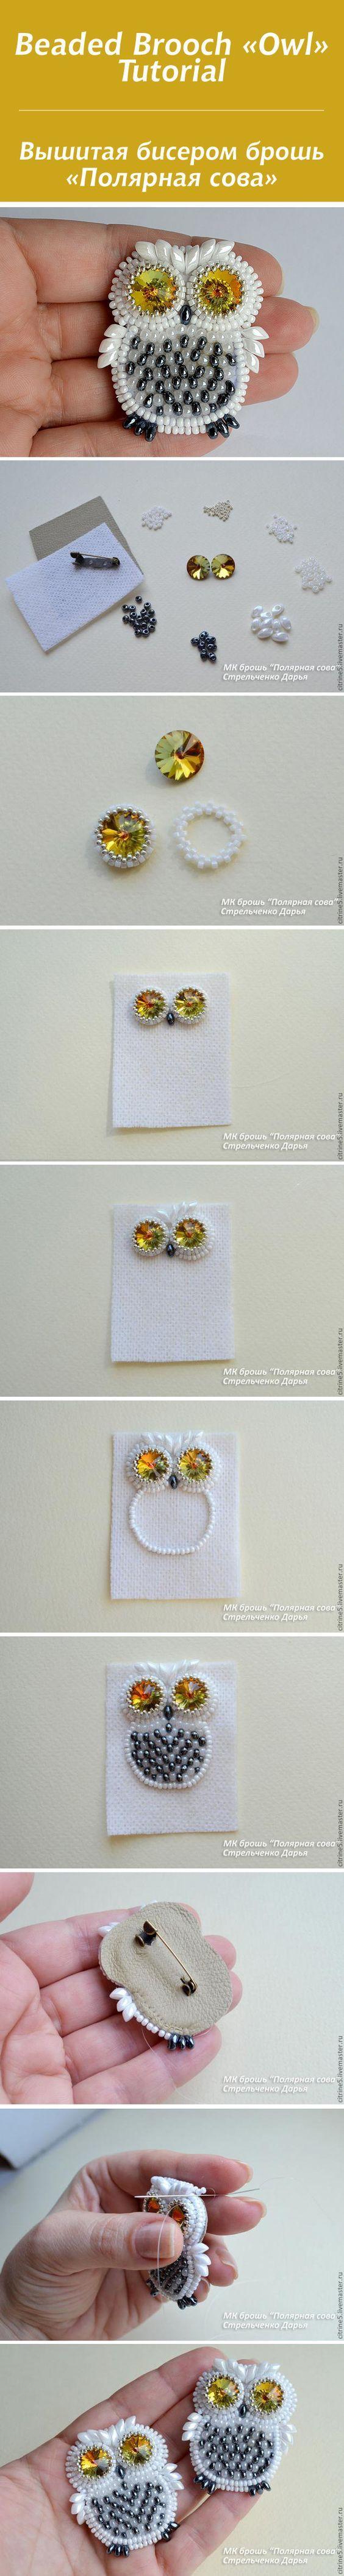 owl brooch tutorial